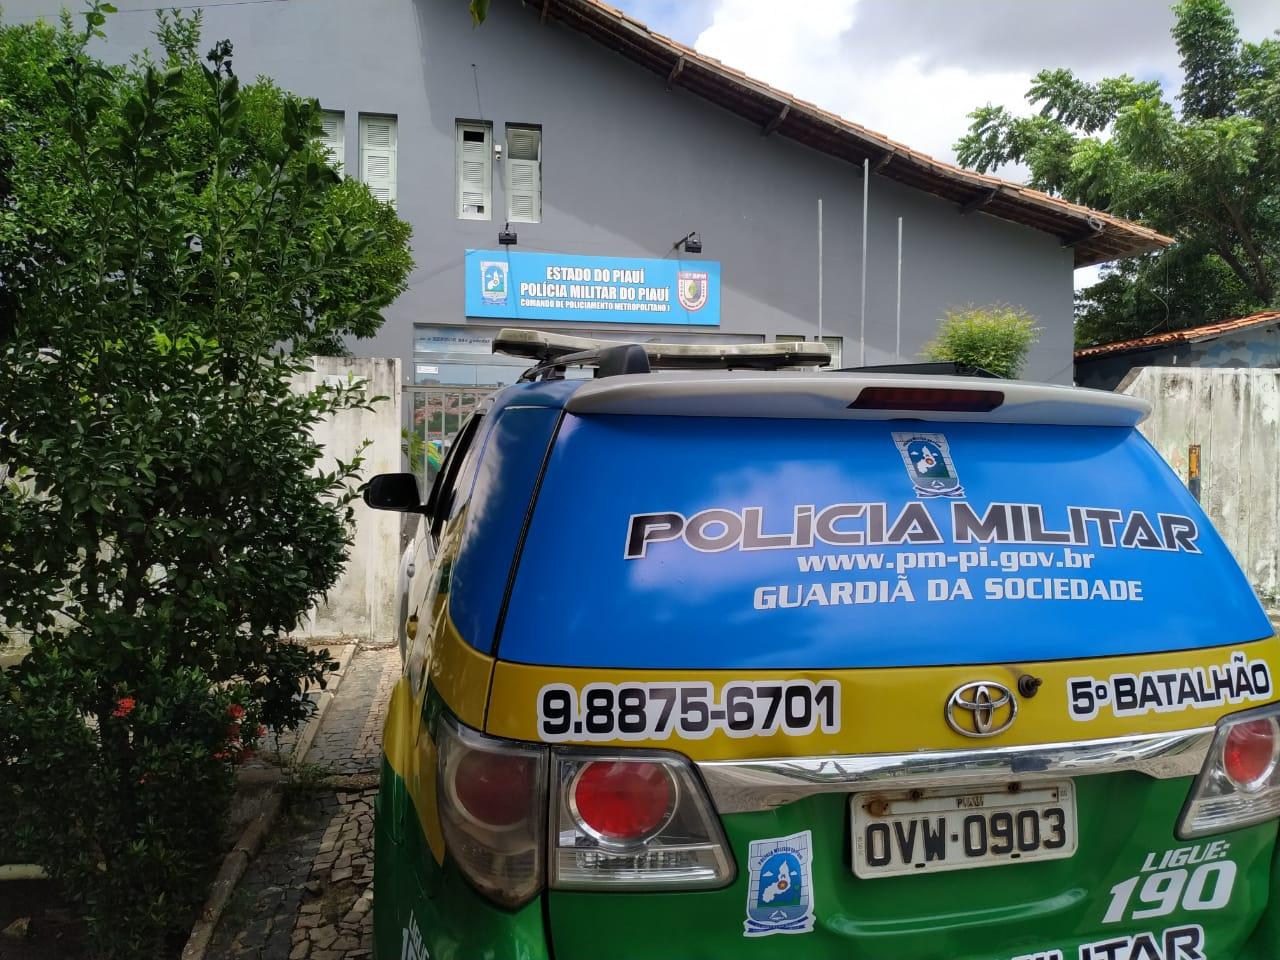 Policiais do 5 BPM fazem buscas para localizar e prender suspeito de estuprar criança de 7 anos - Foto: Matheus Oliveira/Portal MN